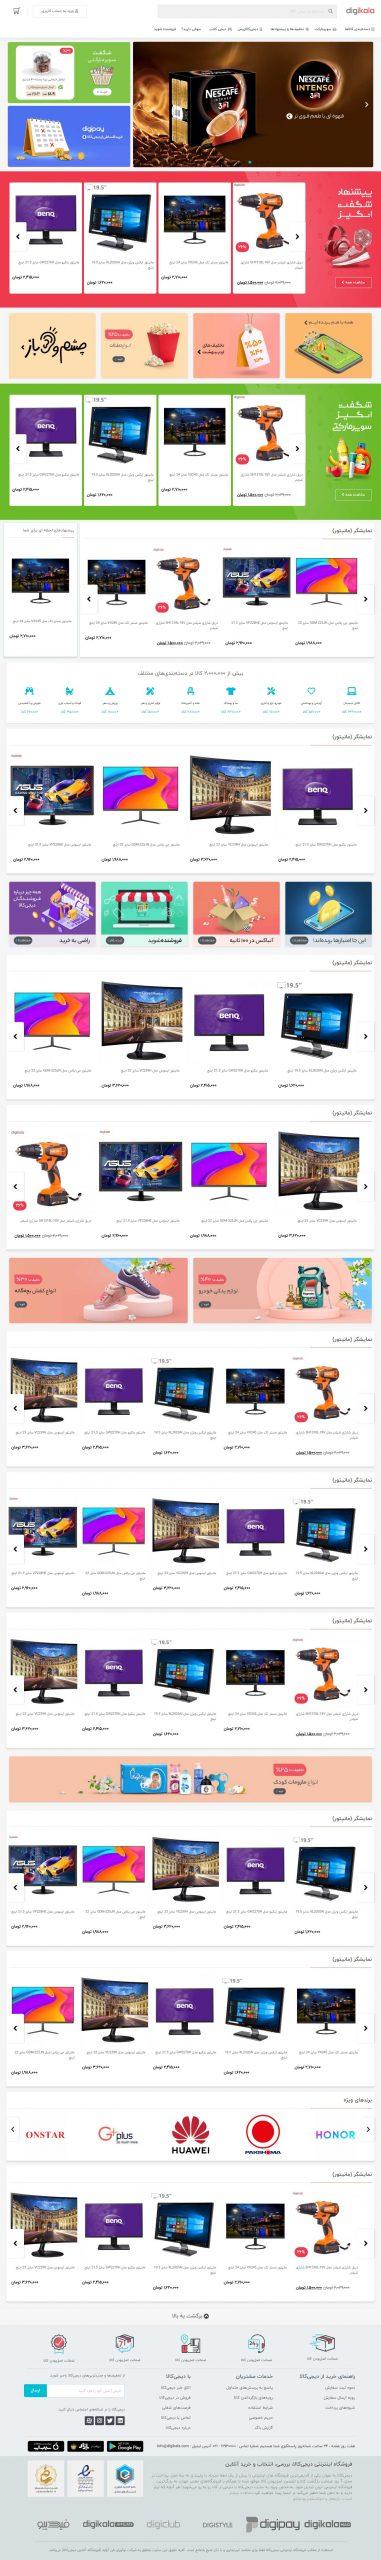 صفحه اصلی سایت دیجی کالا طراحی شده در دوره آموزش طراحی سایت دیجی کالا